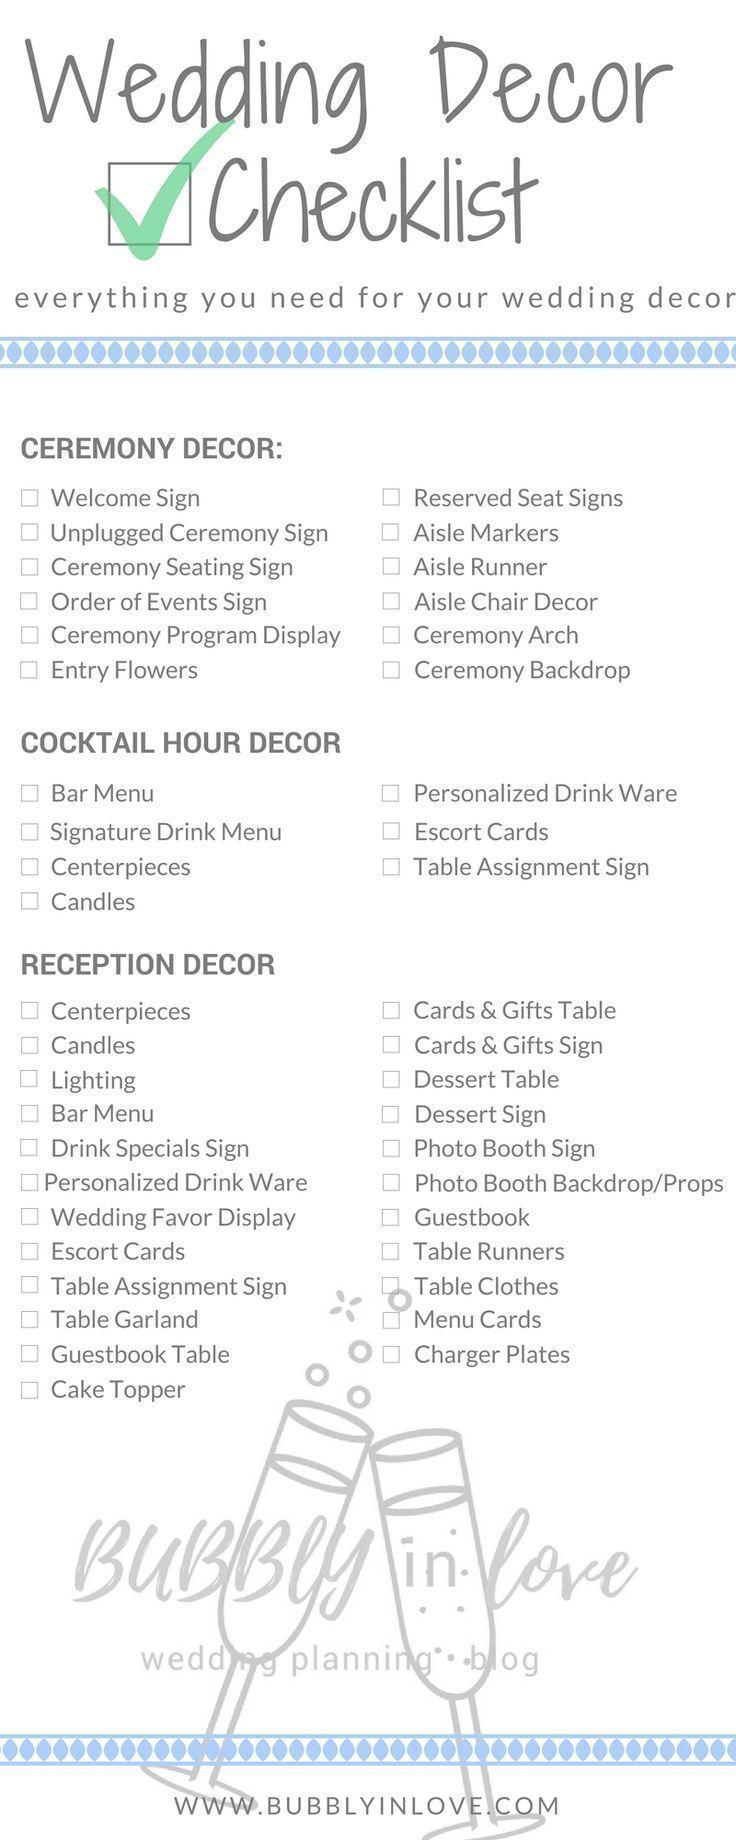 Wedding Decor Checklist | Wedding Decor | Ceremony Decor | Reception Decor | Cocktail Hour Decor | Wedding #weddingdecoration #weddingdecorations #weddingreception